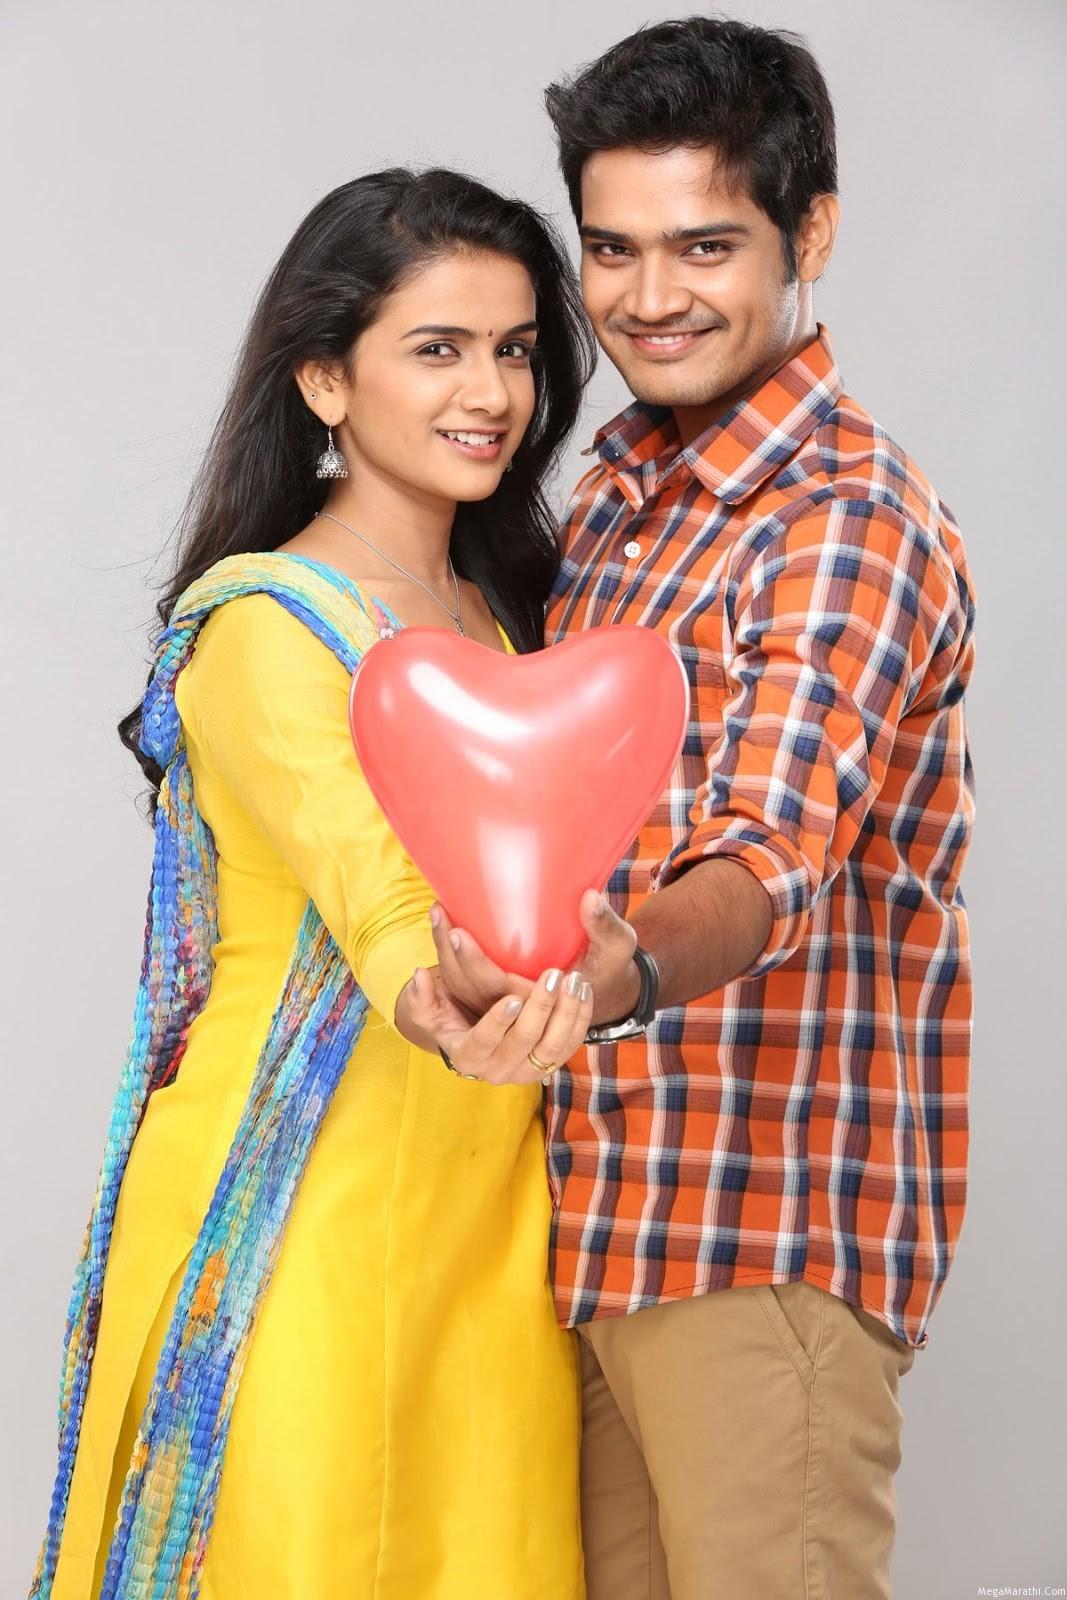 Zee marathi jai malhar online dating 2